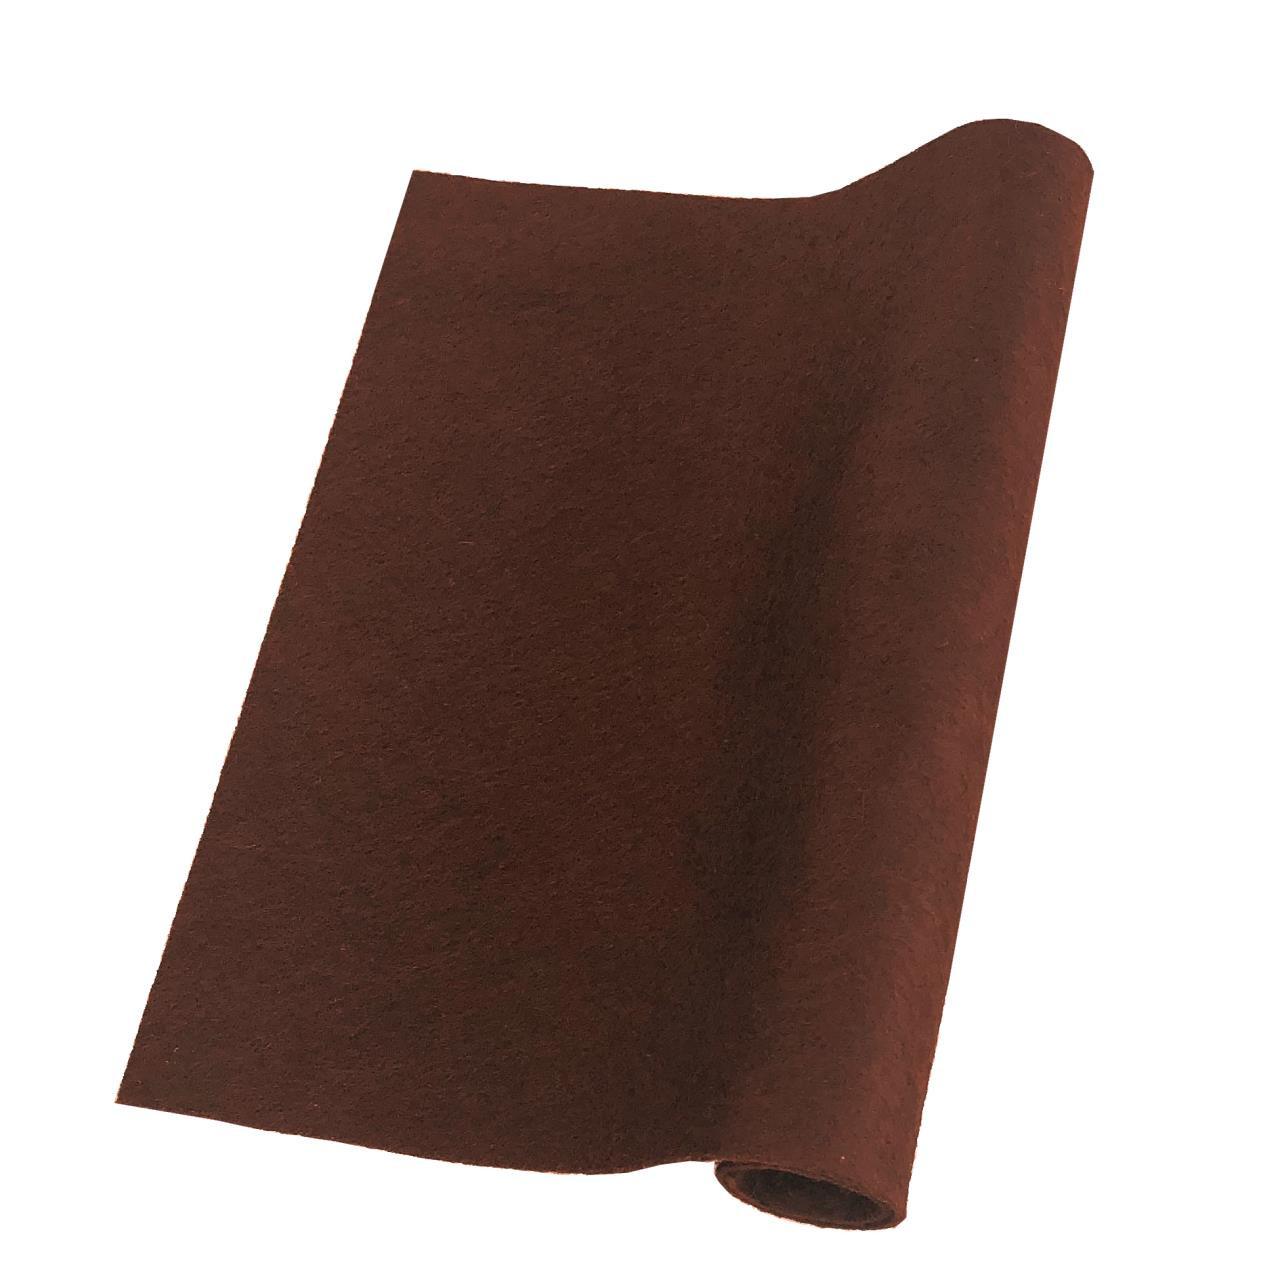 Dark Chocolate, Essentials By Ellen Wool Felt 9 X 12 - 5 Pk -